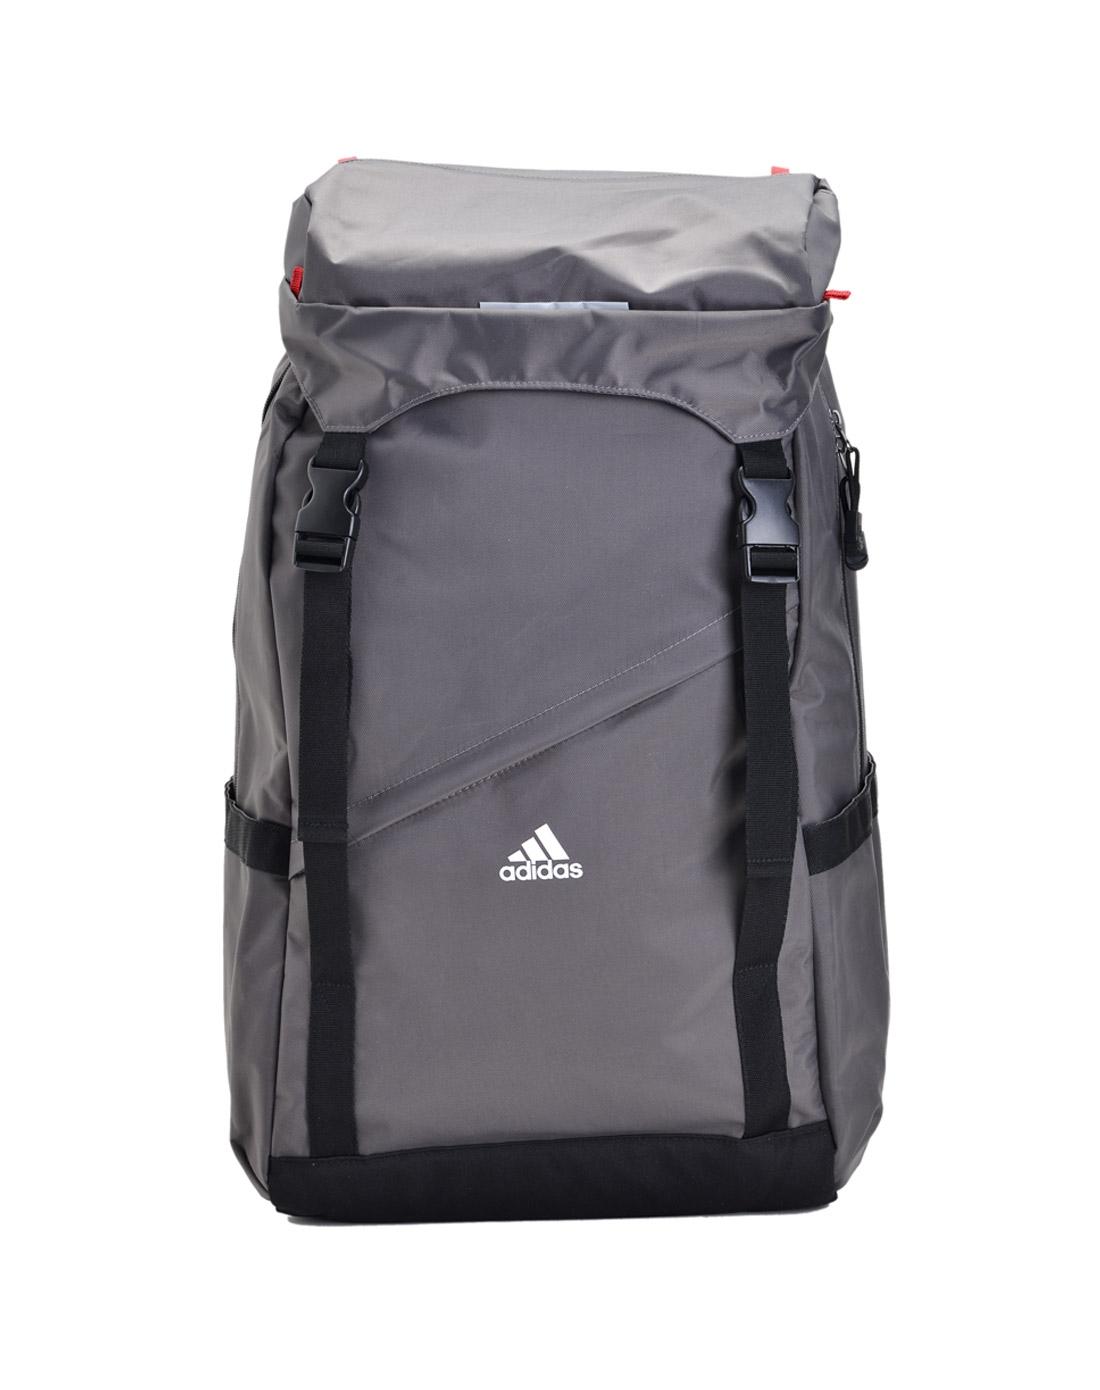 阿迪达斯adidas男鞋专场-男子灰色背包